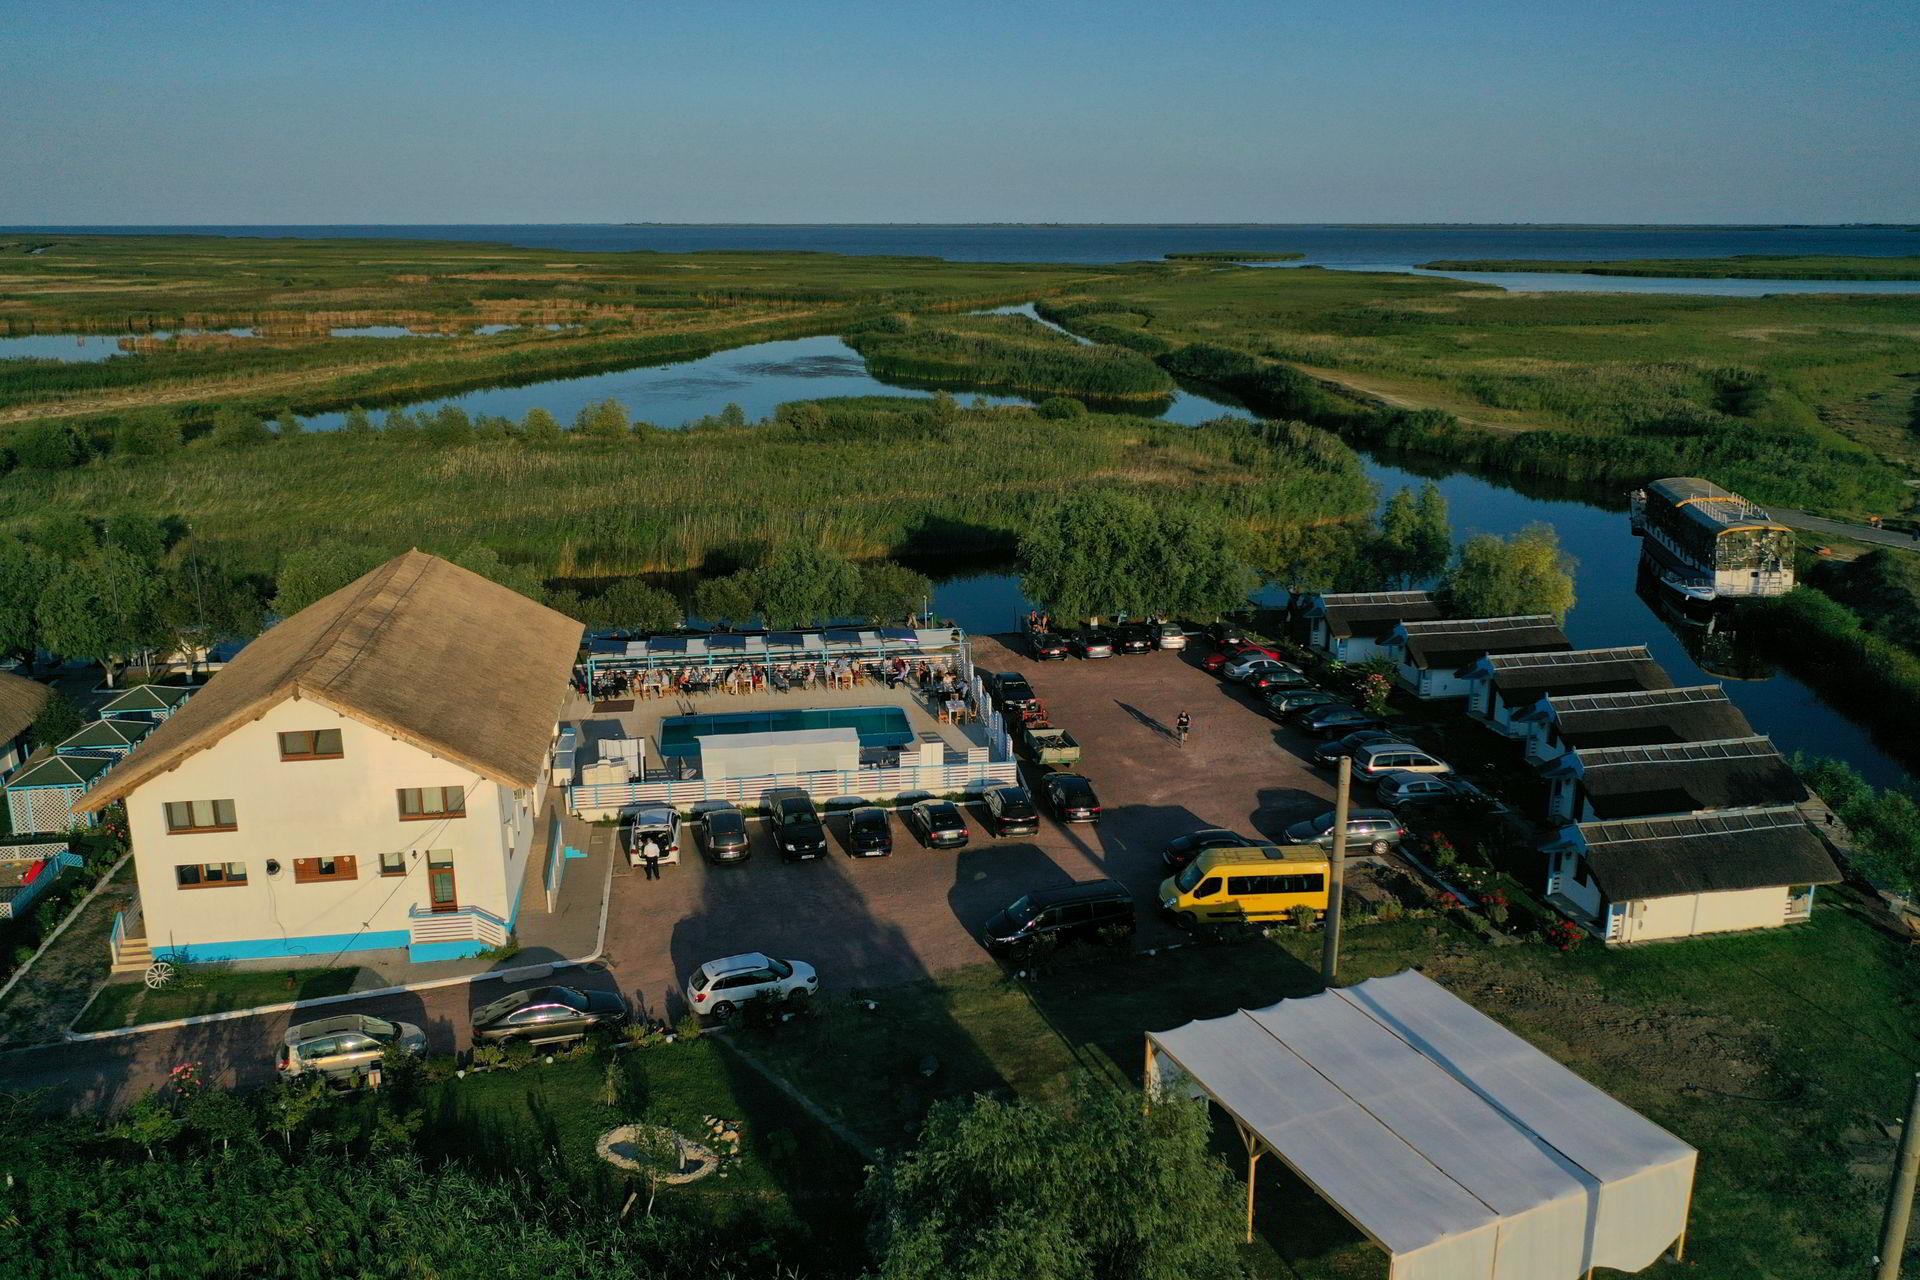 Poveștile deltei spuse de vinurile Cramei Hamangia, la Casa Pescarilor Lunca